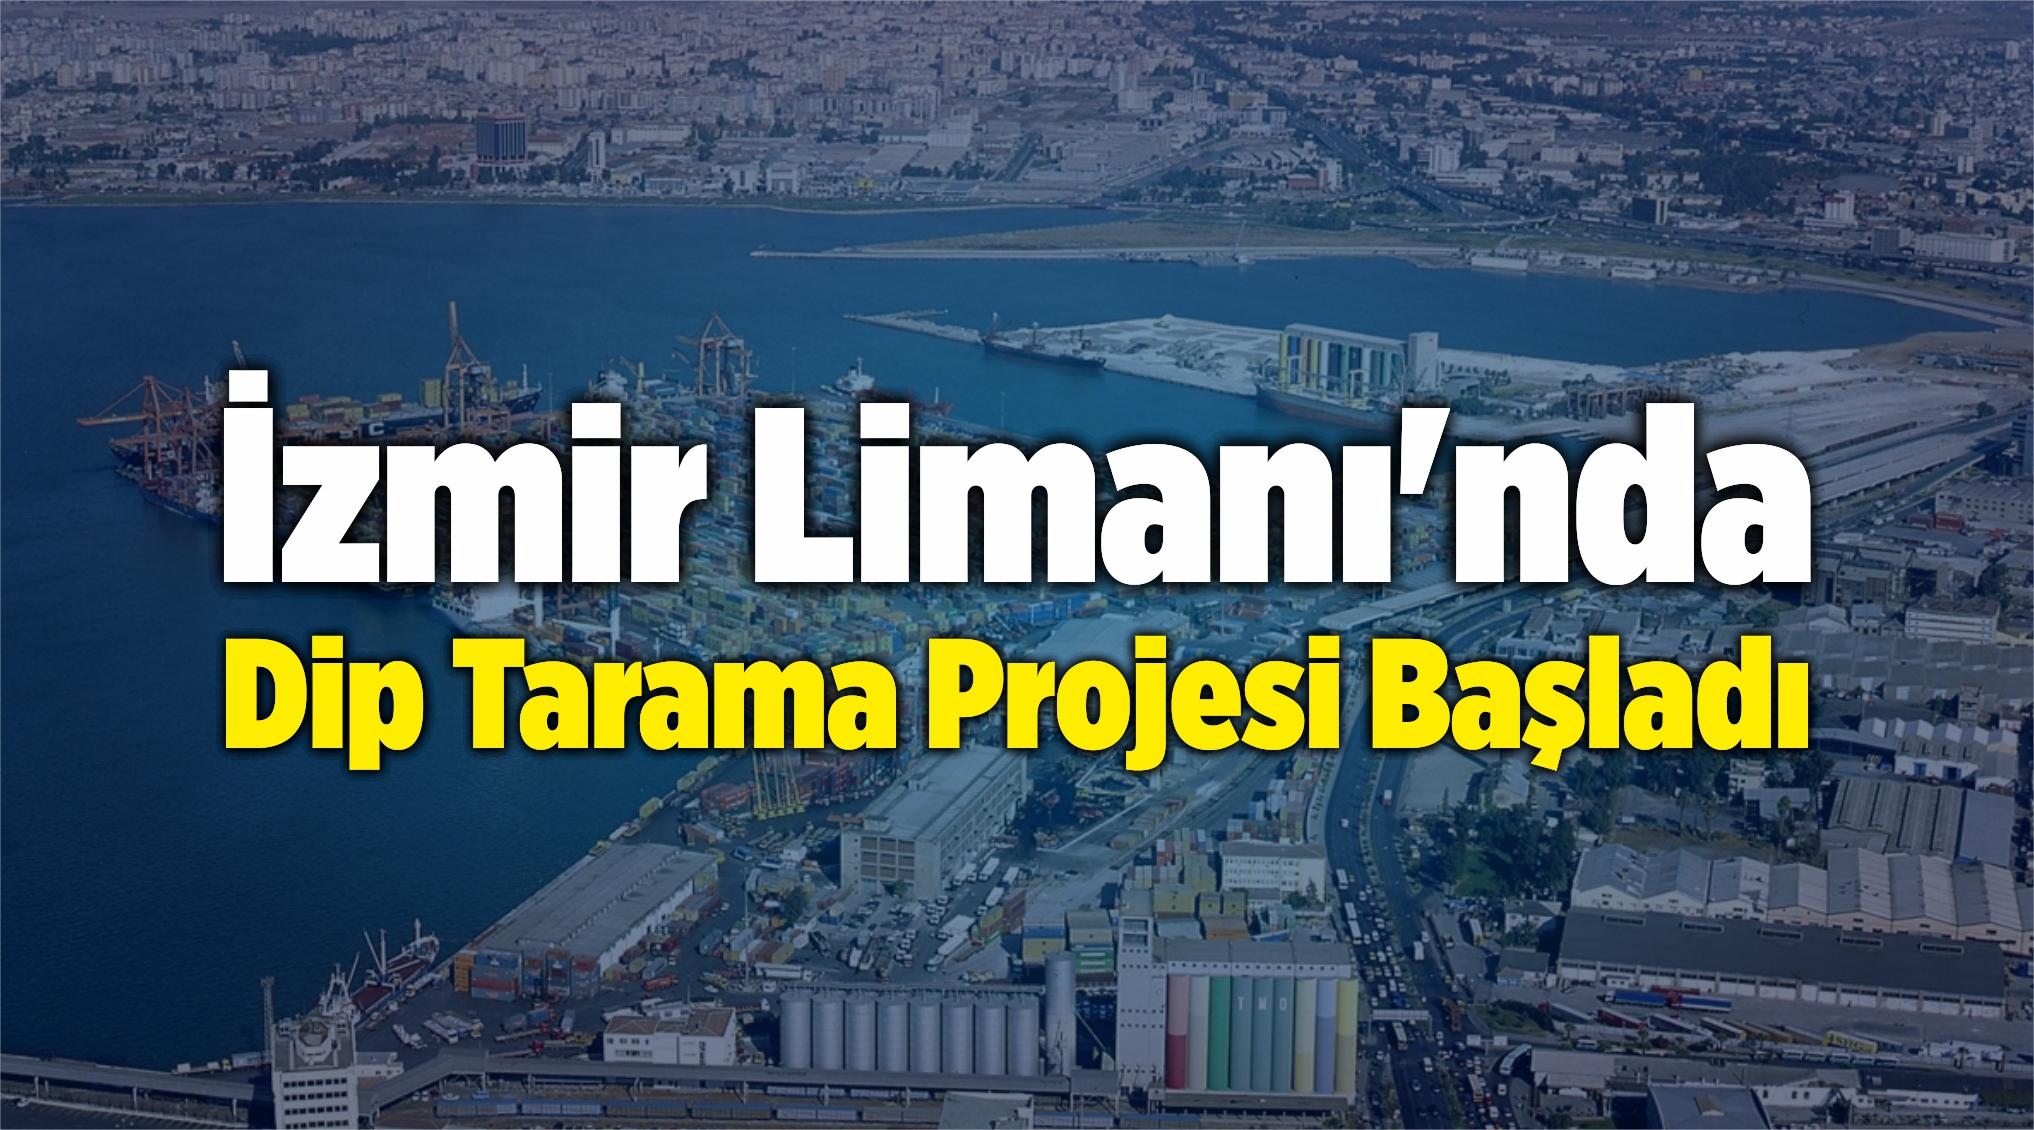 İzmir Limanı'nda Dip Tarama Projesi Başladı